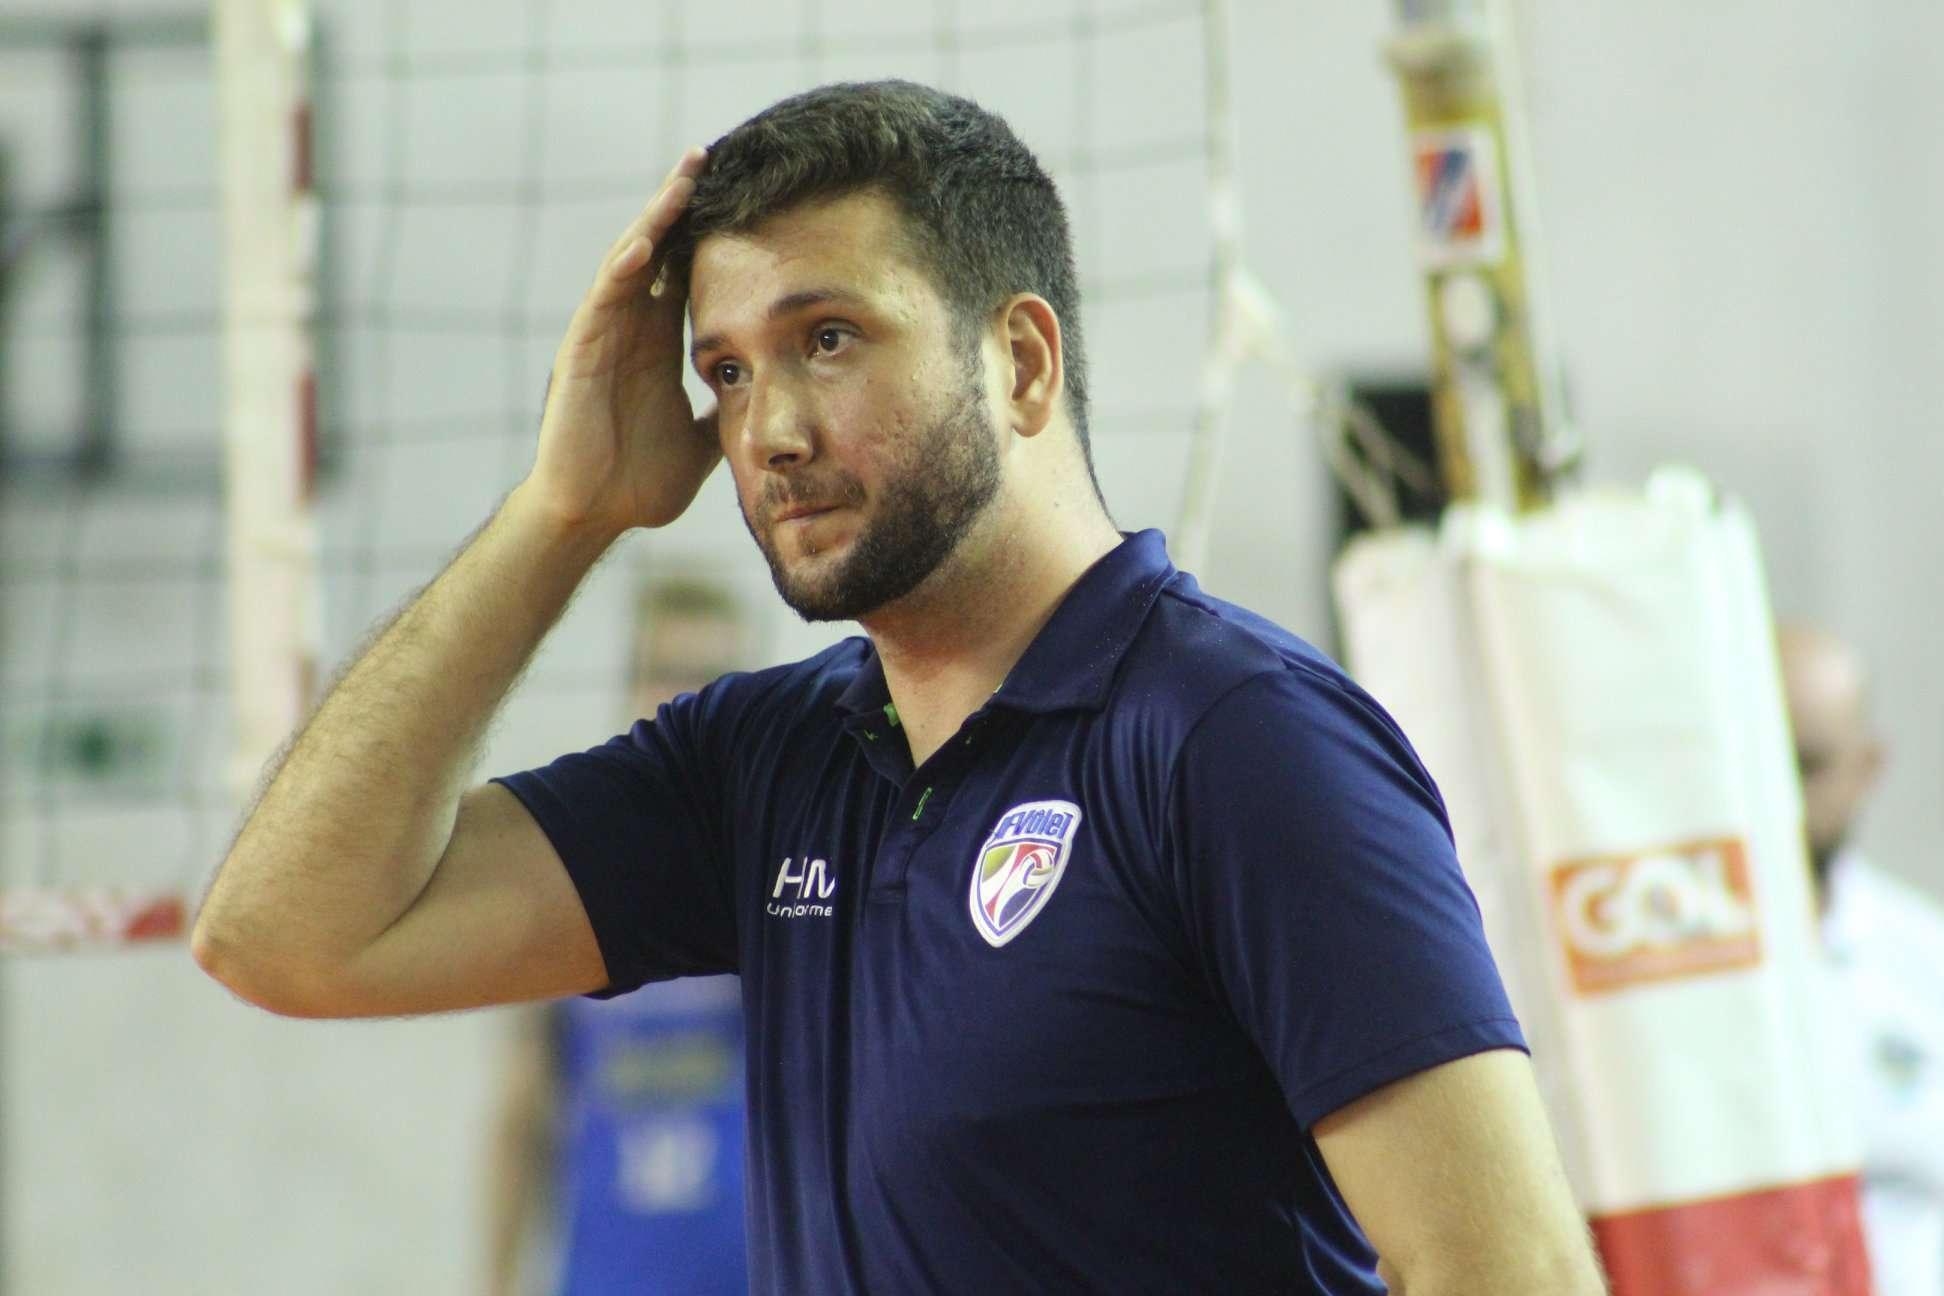 Conheça Marcão, treinador do JF Vôlei: calma, maturidade e confiança